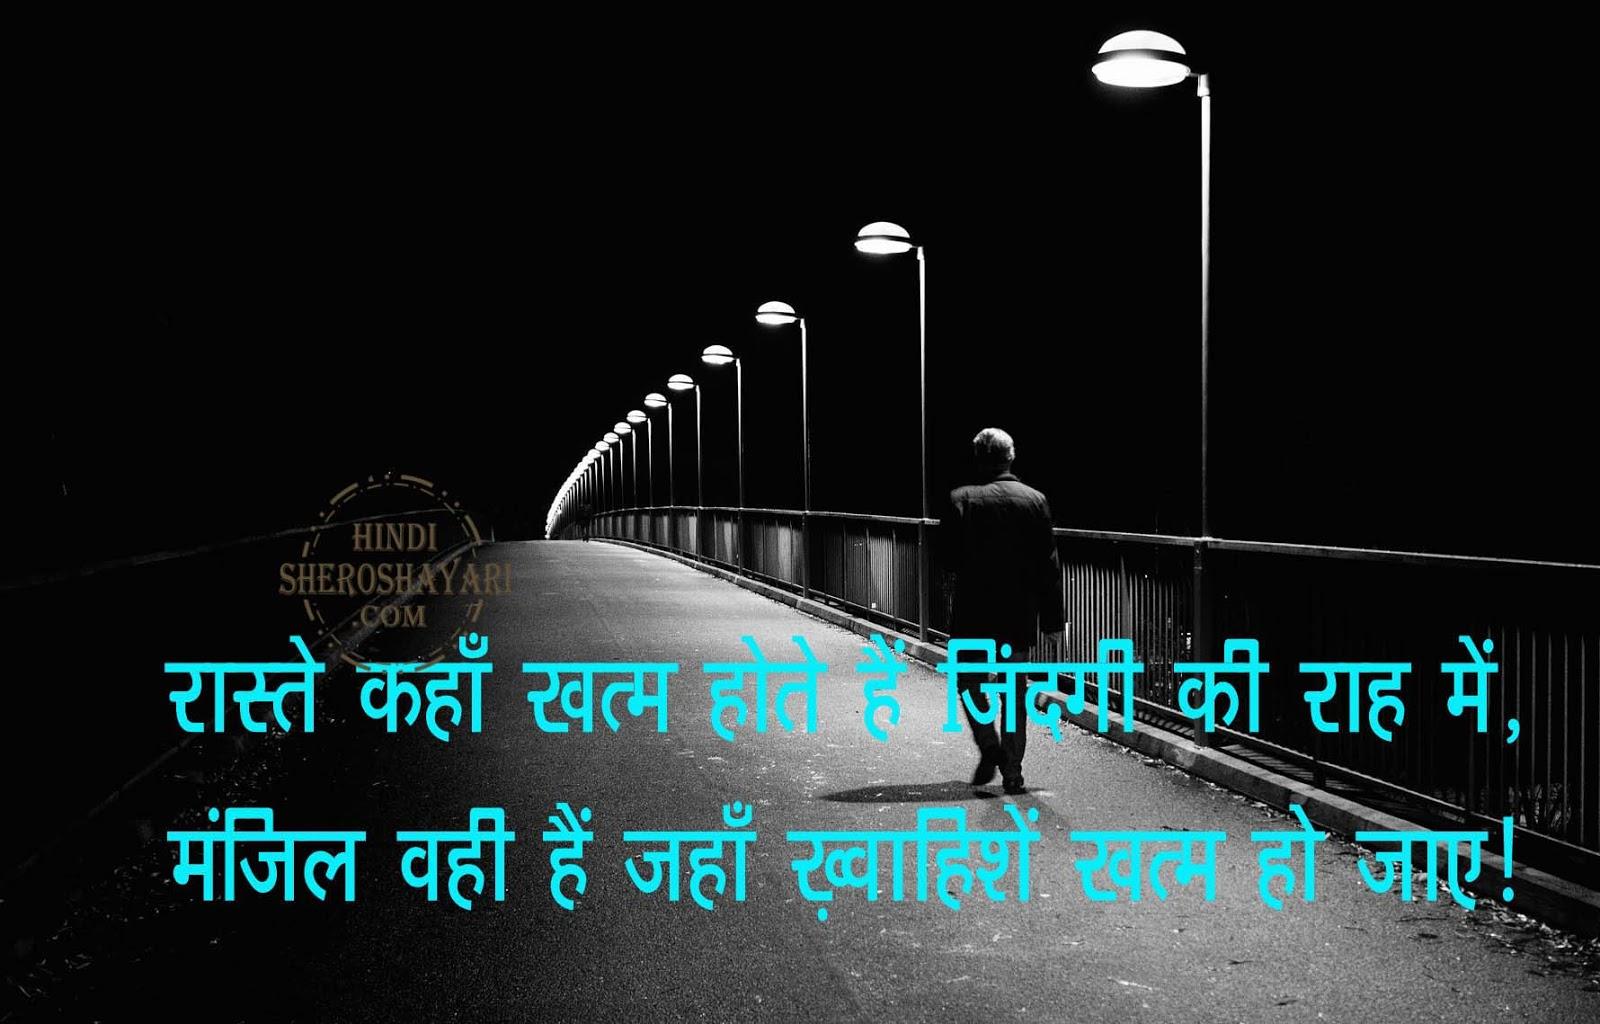 Raste Kaha Khatm Hote Hai